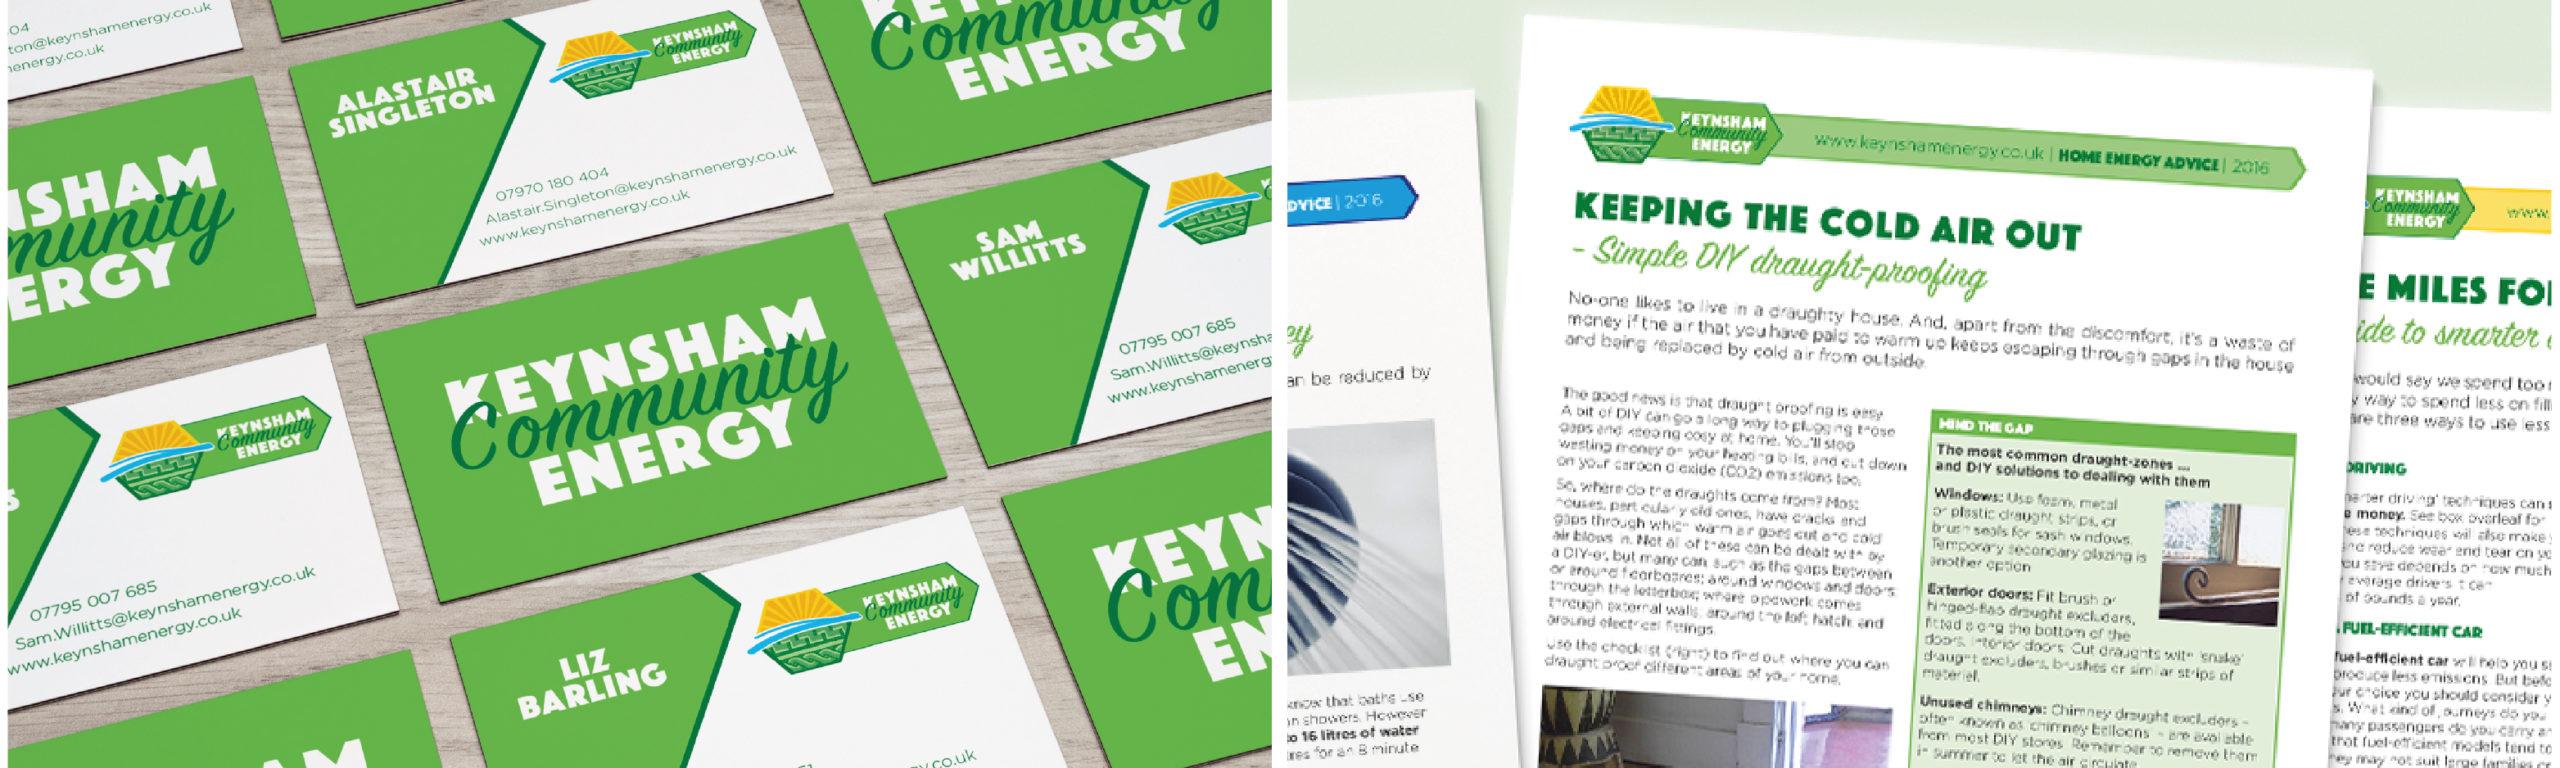 Keynsham Community Energy Header